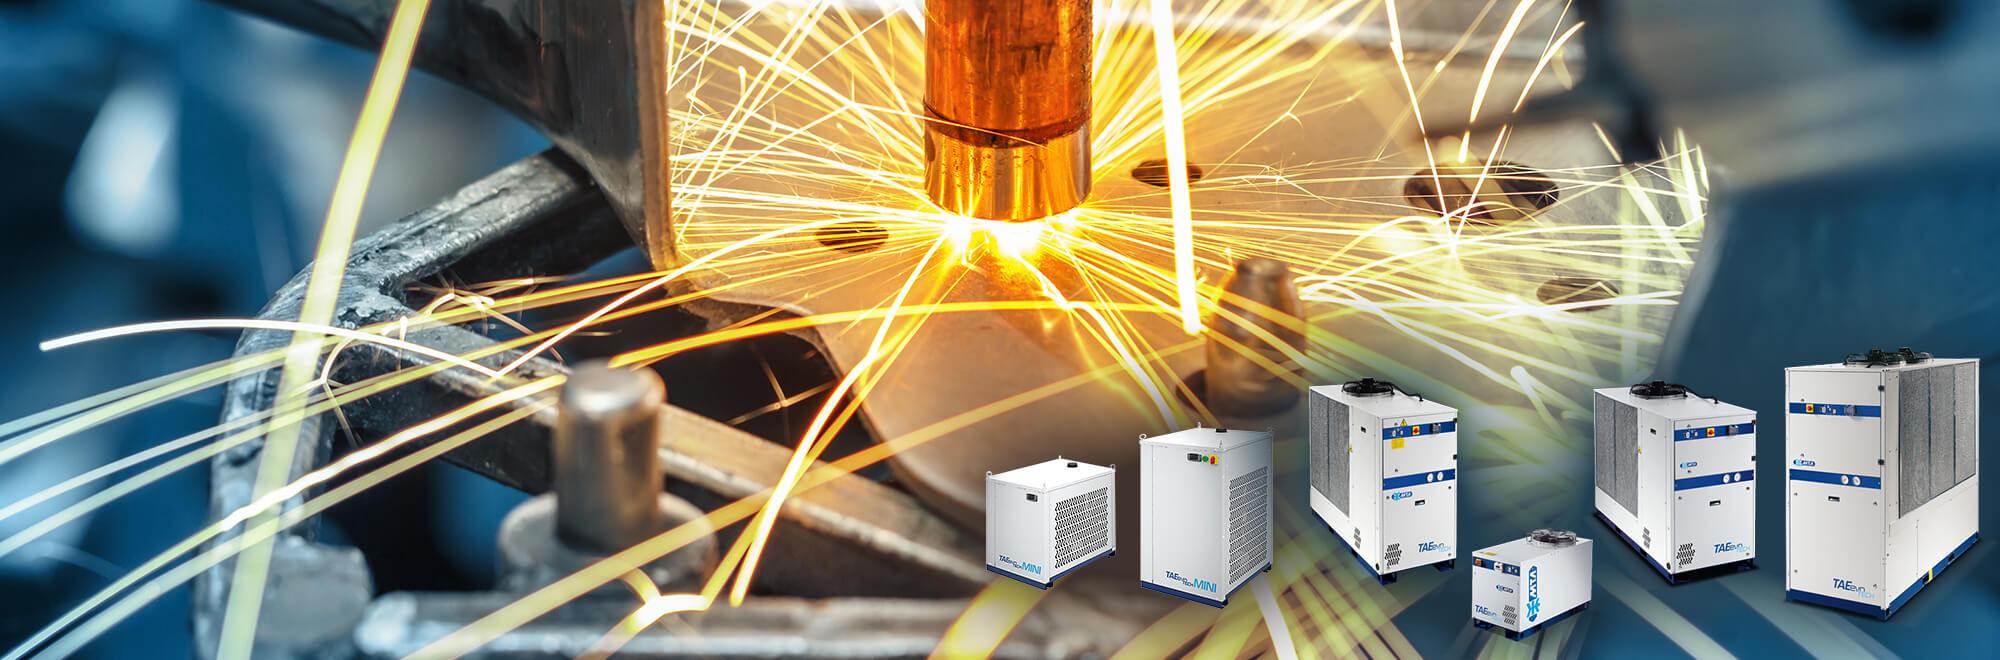 Laser Cooling